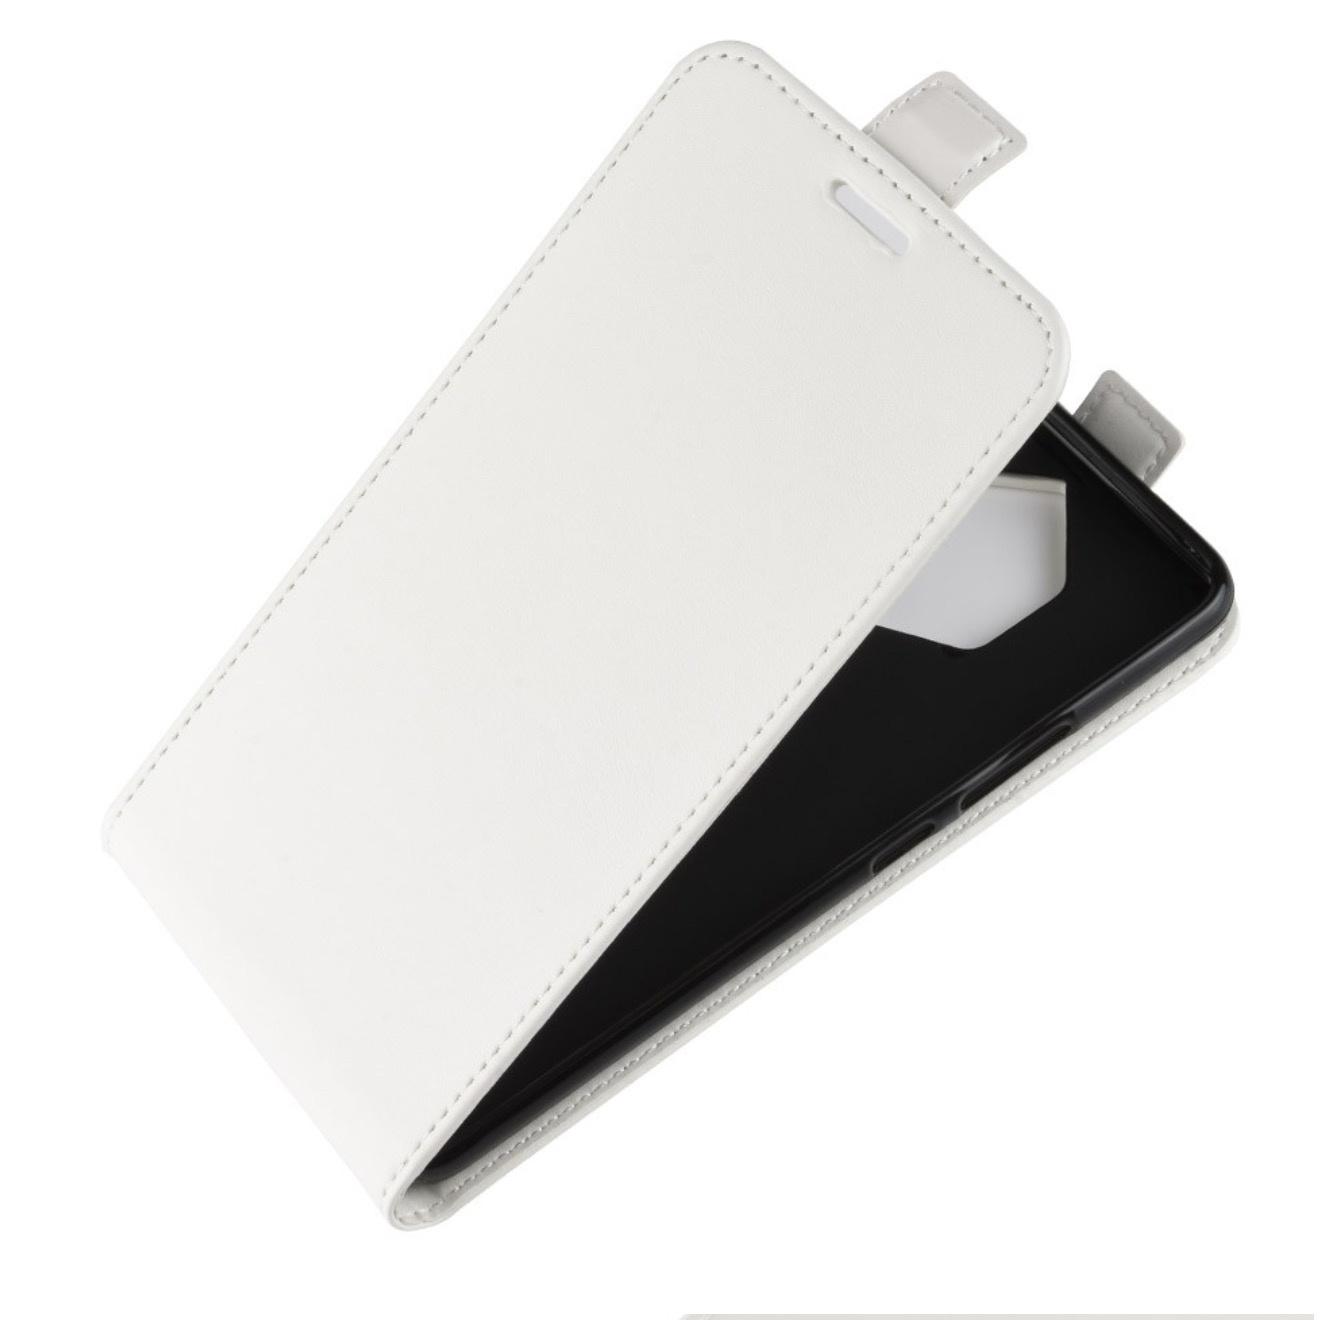 купить Чехол-флип MyPads для Alcatel One Touch Idol 3 (4.7) / 3 (4.7) Dual Sim 6039Y/K вертикальный откидной белый по цене 742 рублей